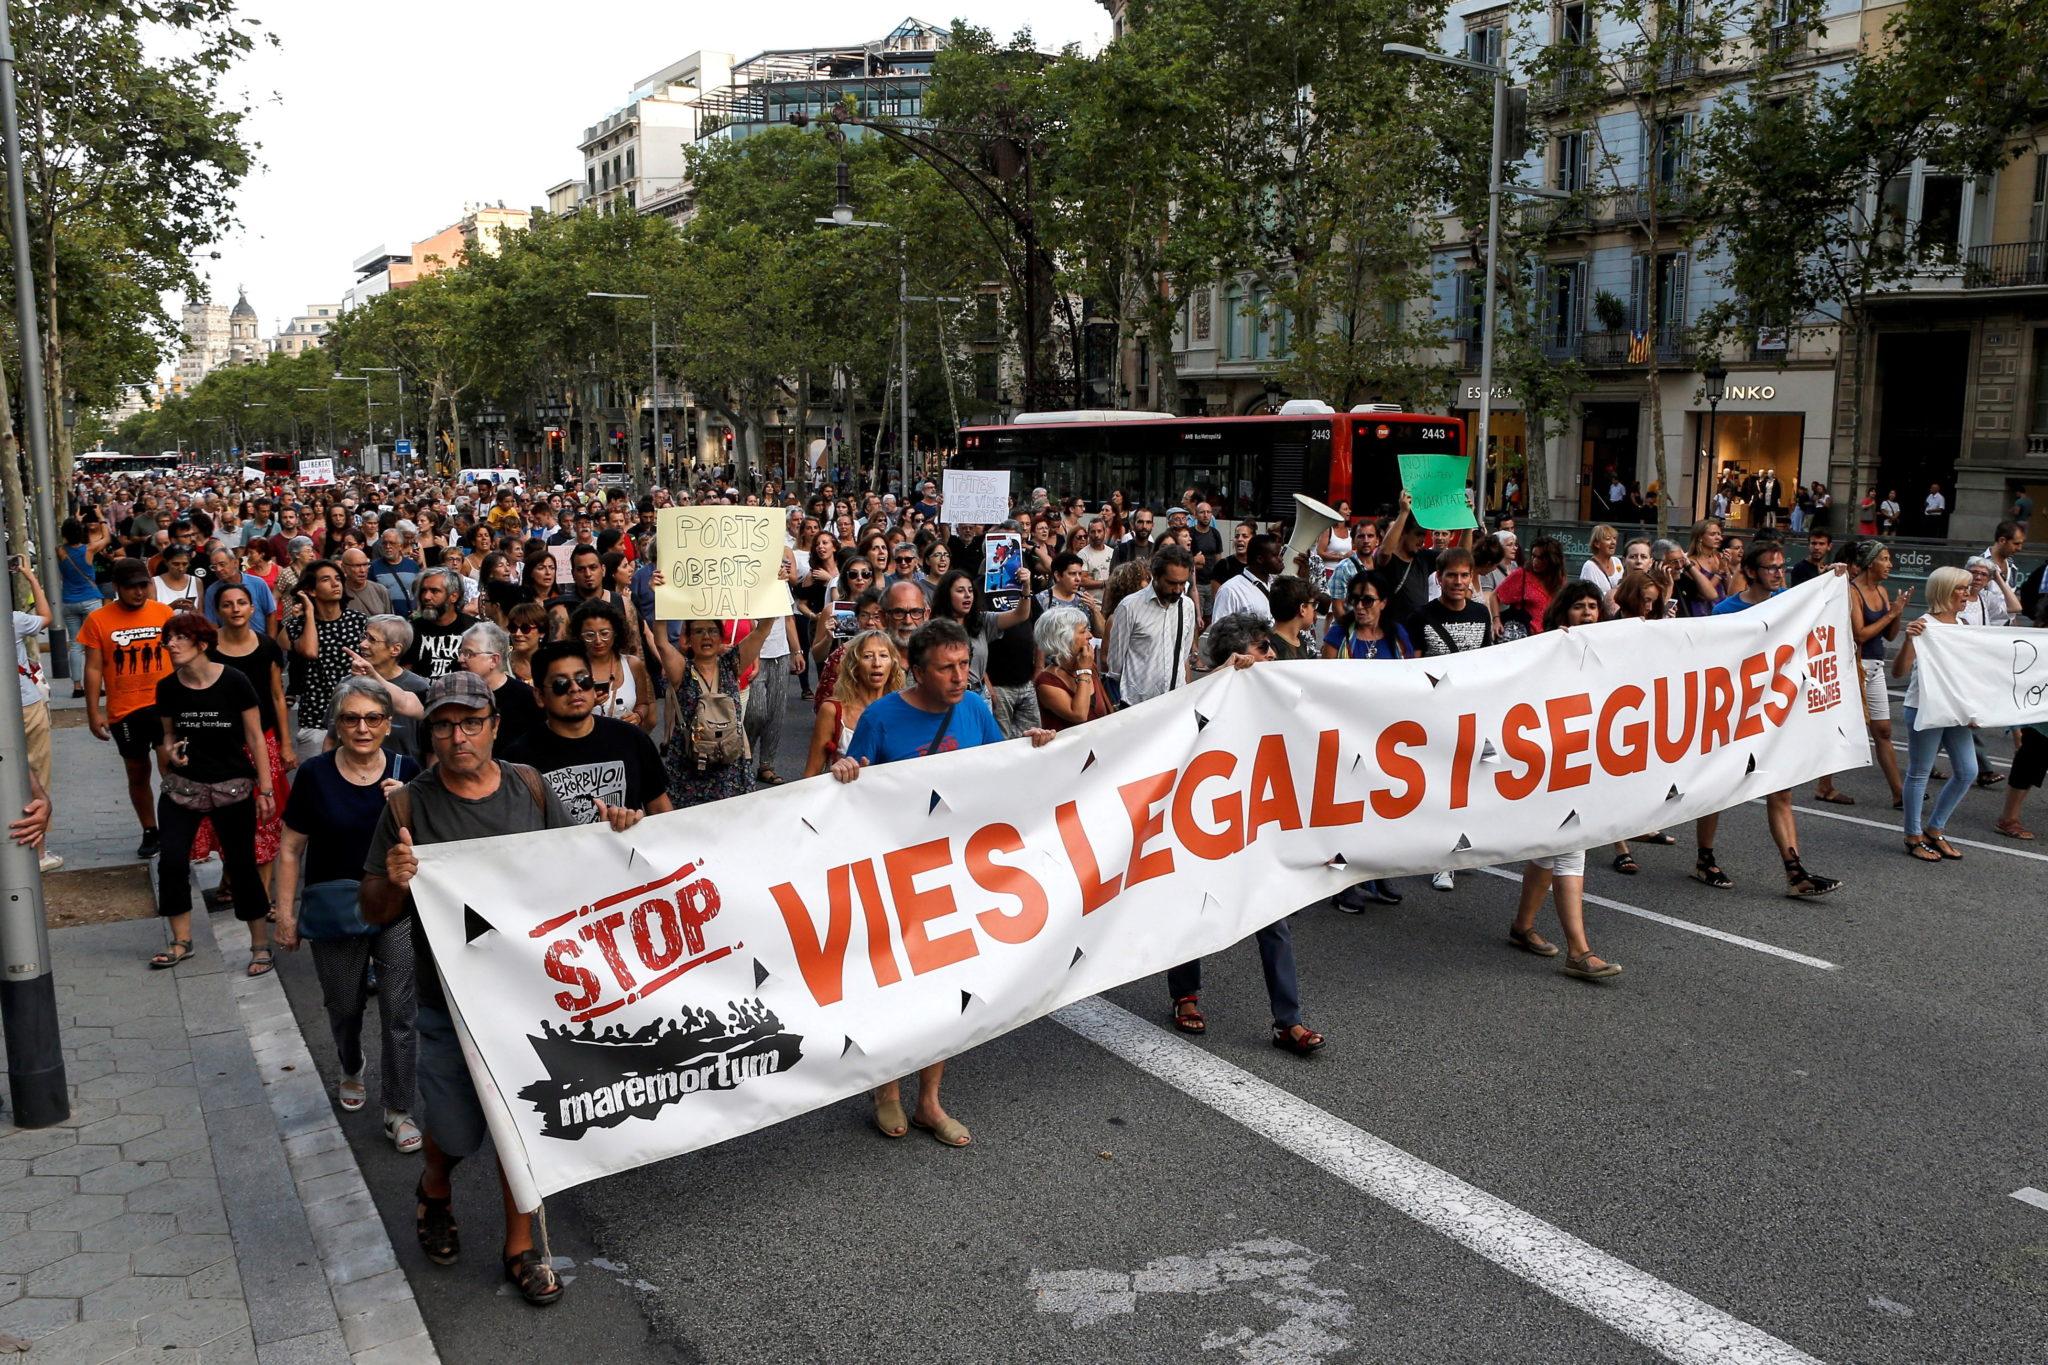 Hiszpania, Barcelona: protest, który domaga się podjęcia akcji ratunkowej wobec 400 migrantów, którzy pozostają na pokładzie łodzi na wodach Morza Śródziemnego, fot. QUIQUE GARCIA, PAP/EPA